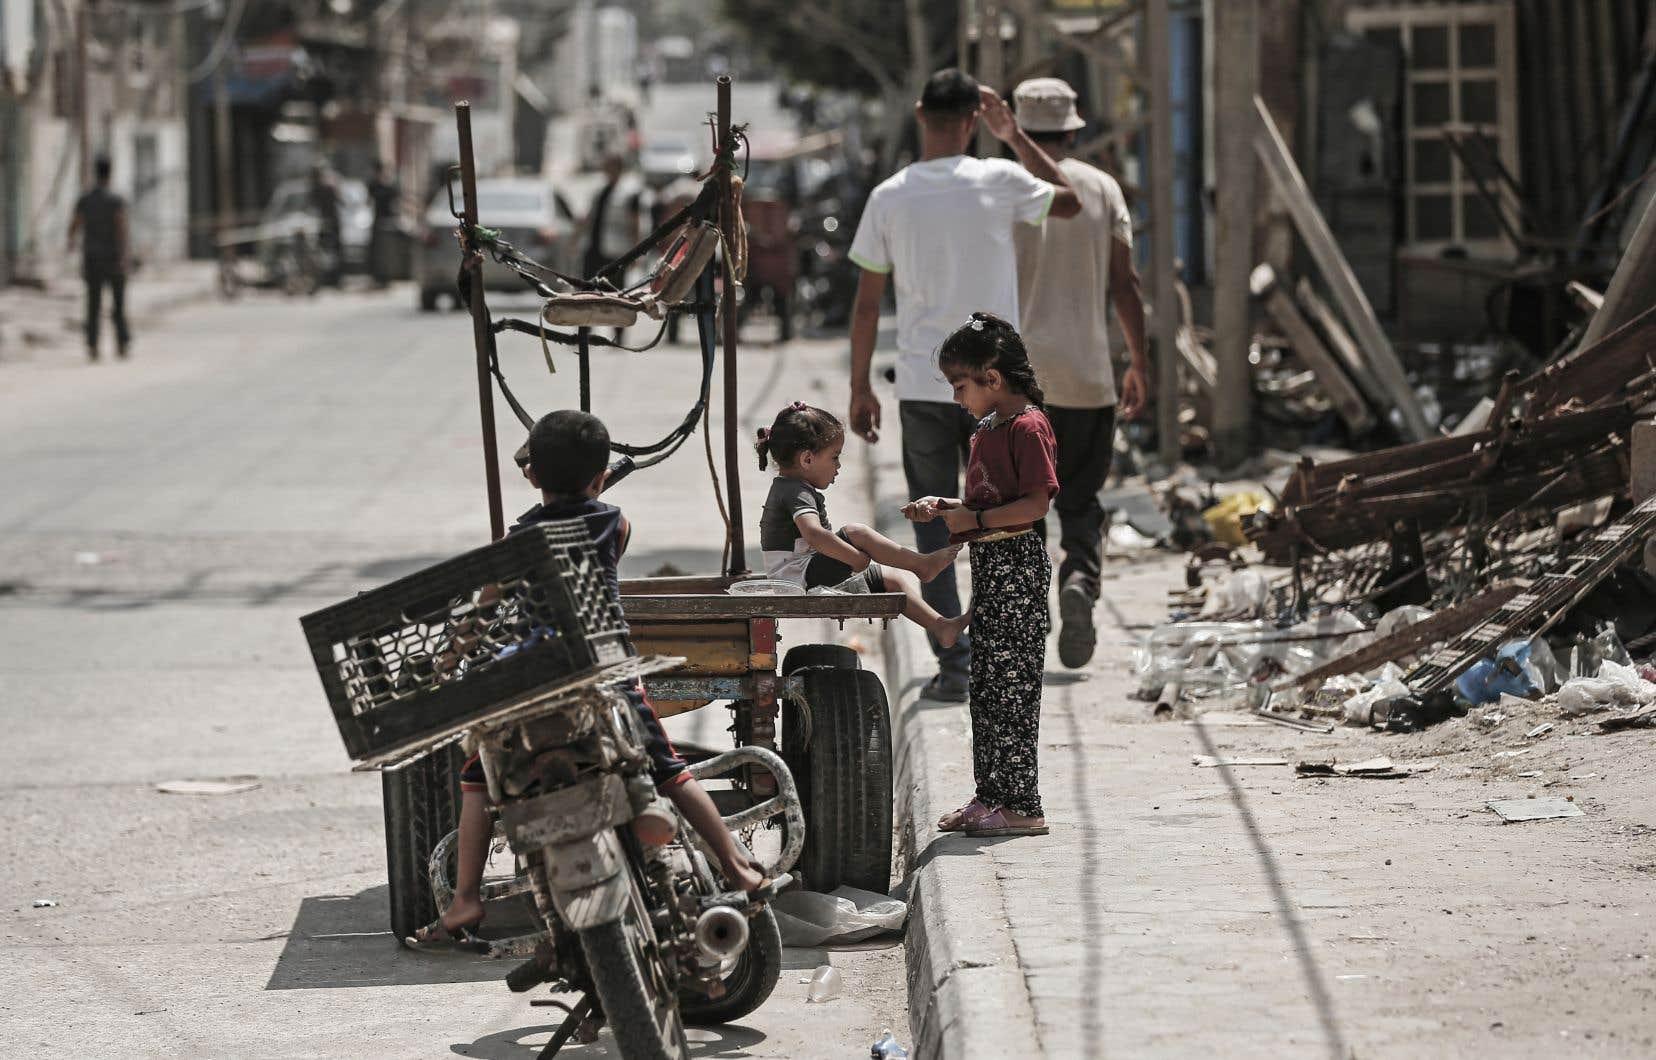 Des enfants palestiniens jouent dans une rue du camp de réfugiés d'Al-Shati, à Gaza.